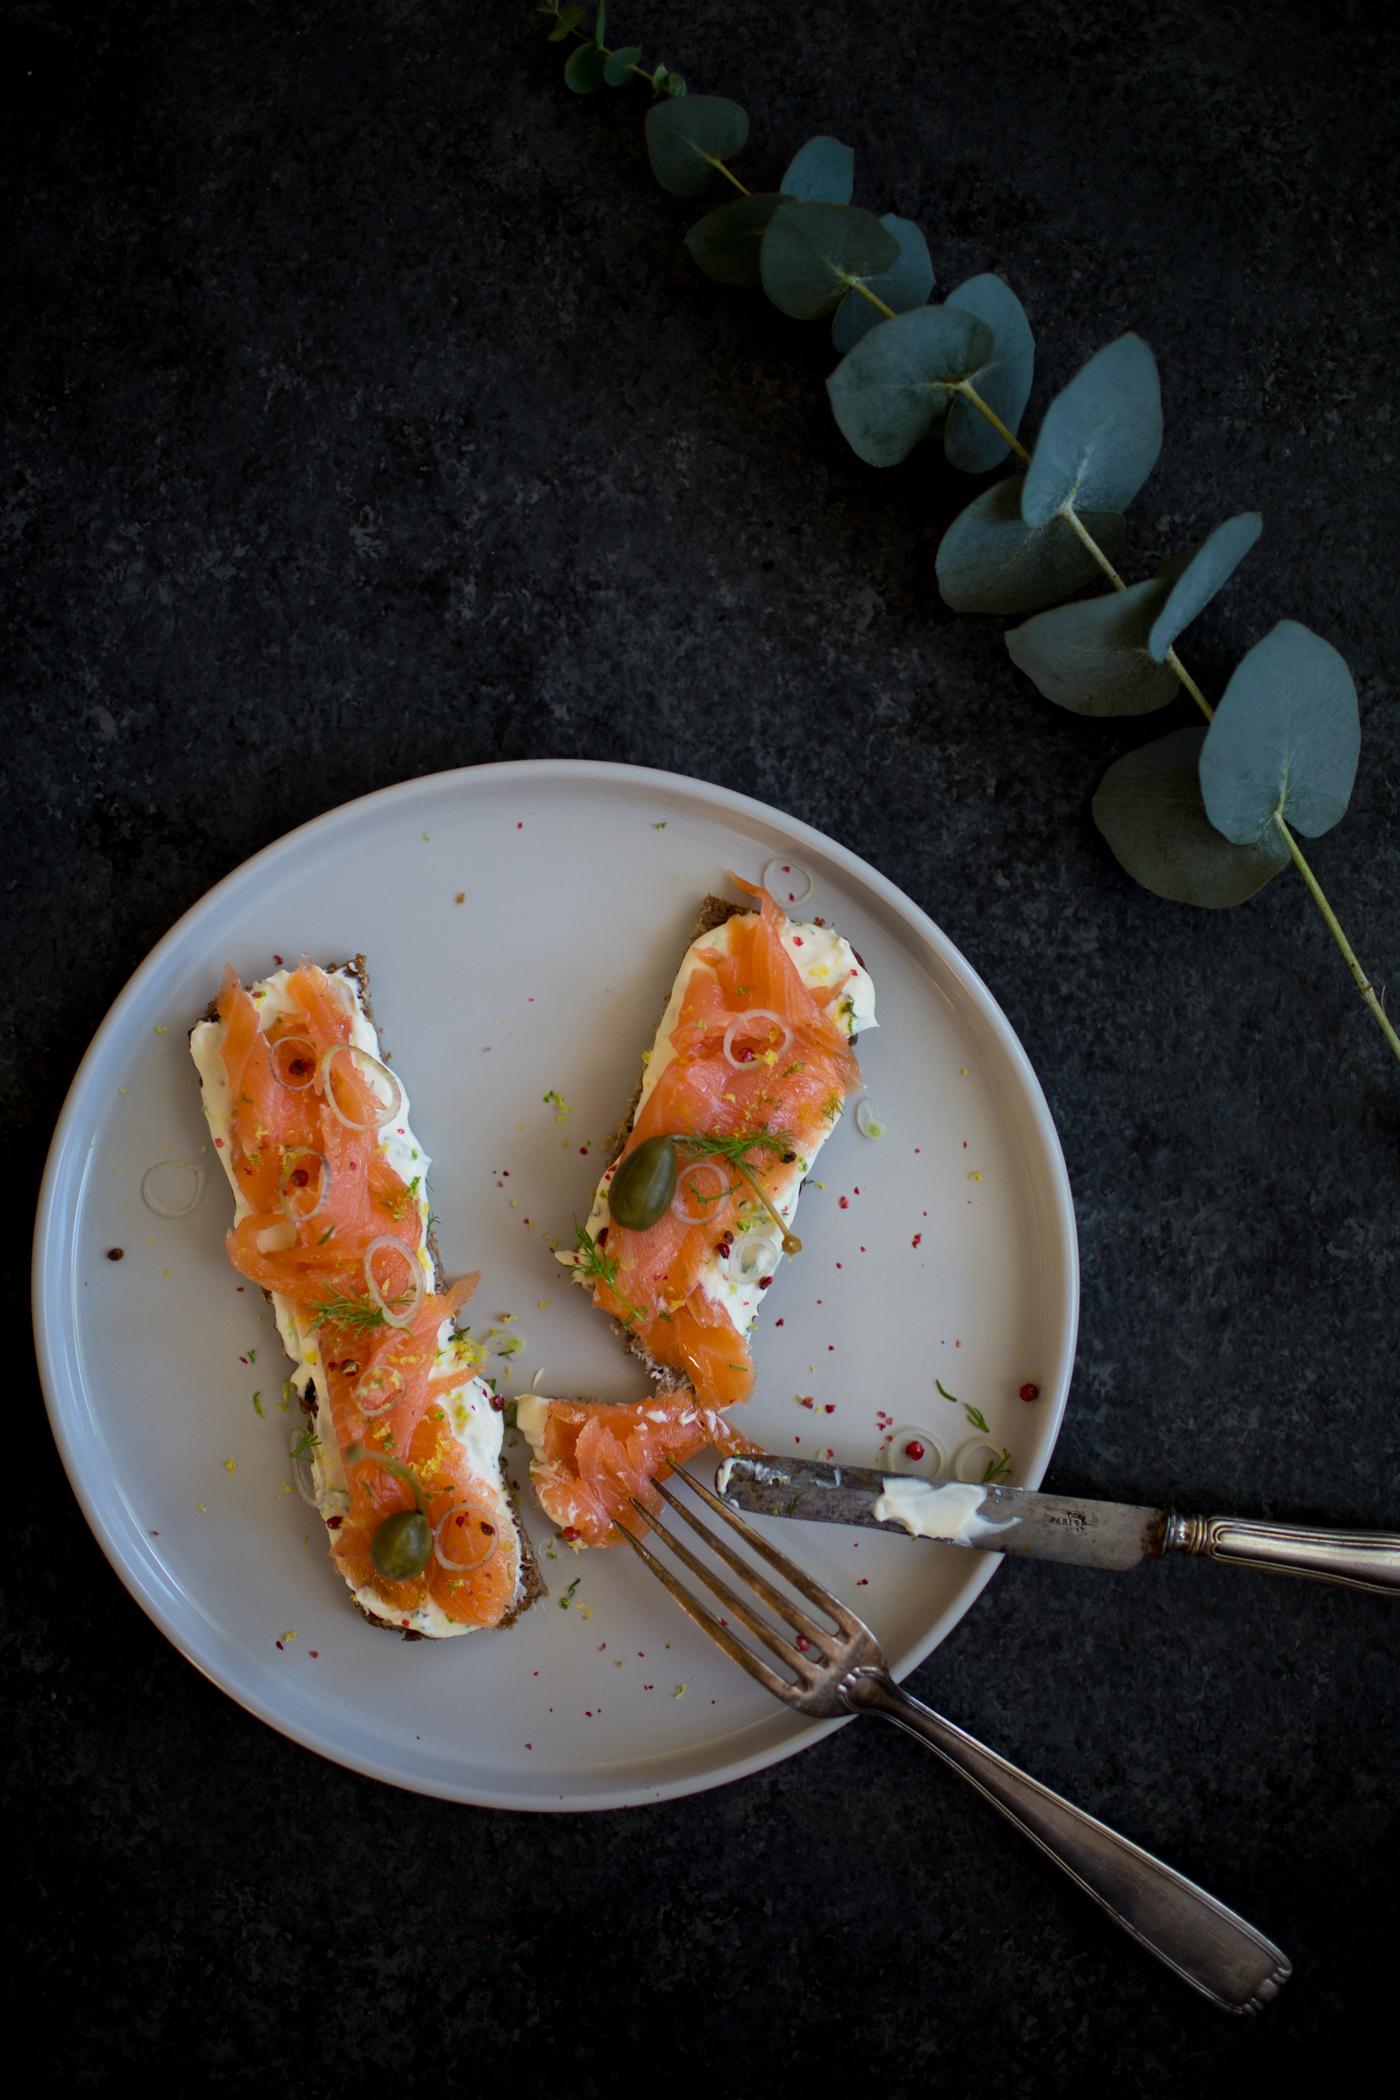 smorrebrod-saumon-creme-10